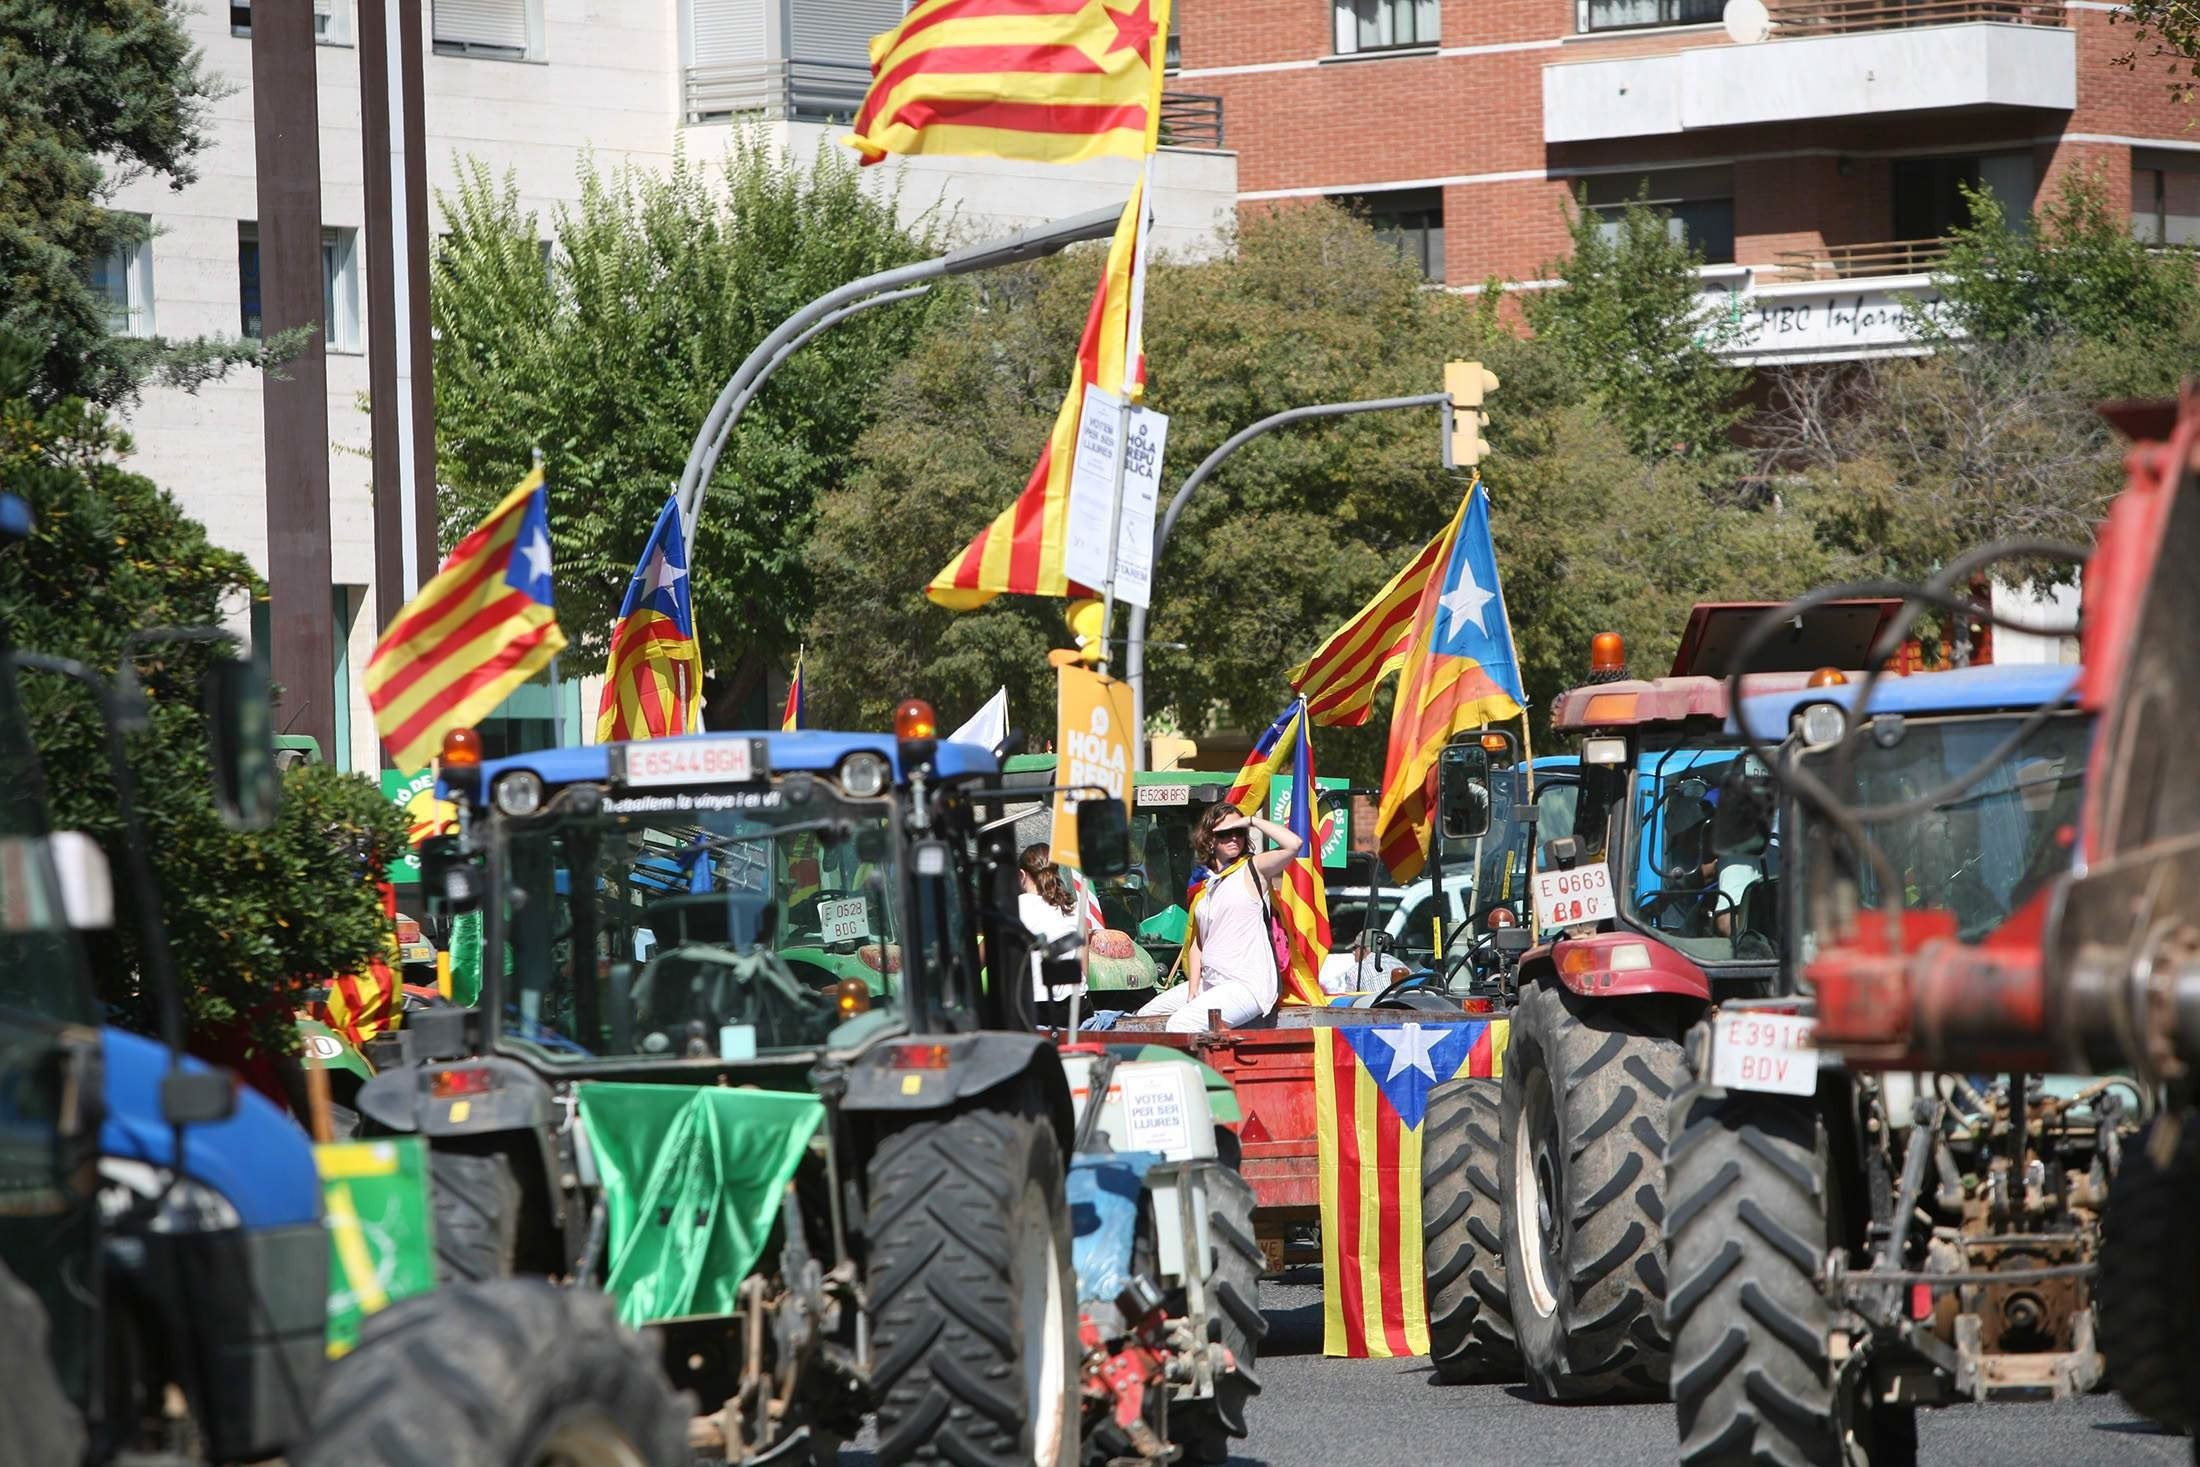 От съдебни битки до шумни улични демонстрации - борбата за провеждането на референдум за независимост в Каталуния е безмилостно жестока. Кулминацията трябва да е в неделя, за когато е насрочено допитването, въпреки опитите на правителството да осуети гласуването.